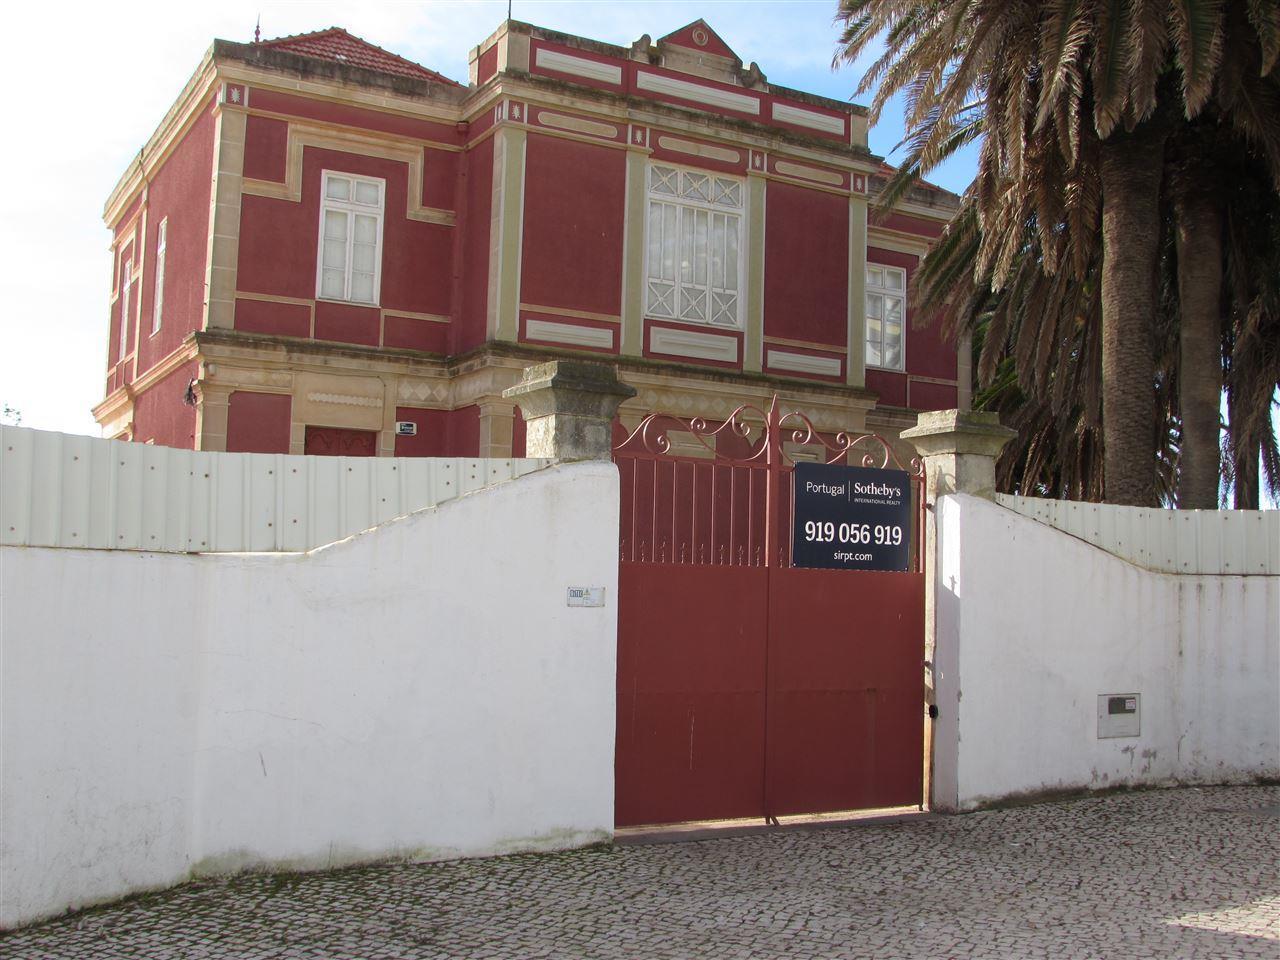 Maison unifamiliale pour l Vente à House, 7 bedrooms, for Sale Silves, Algarve Portugal